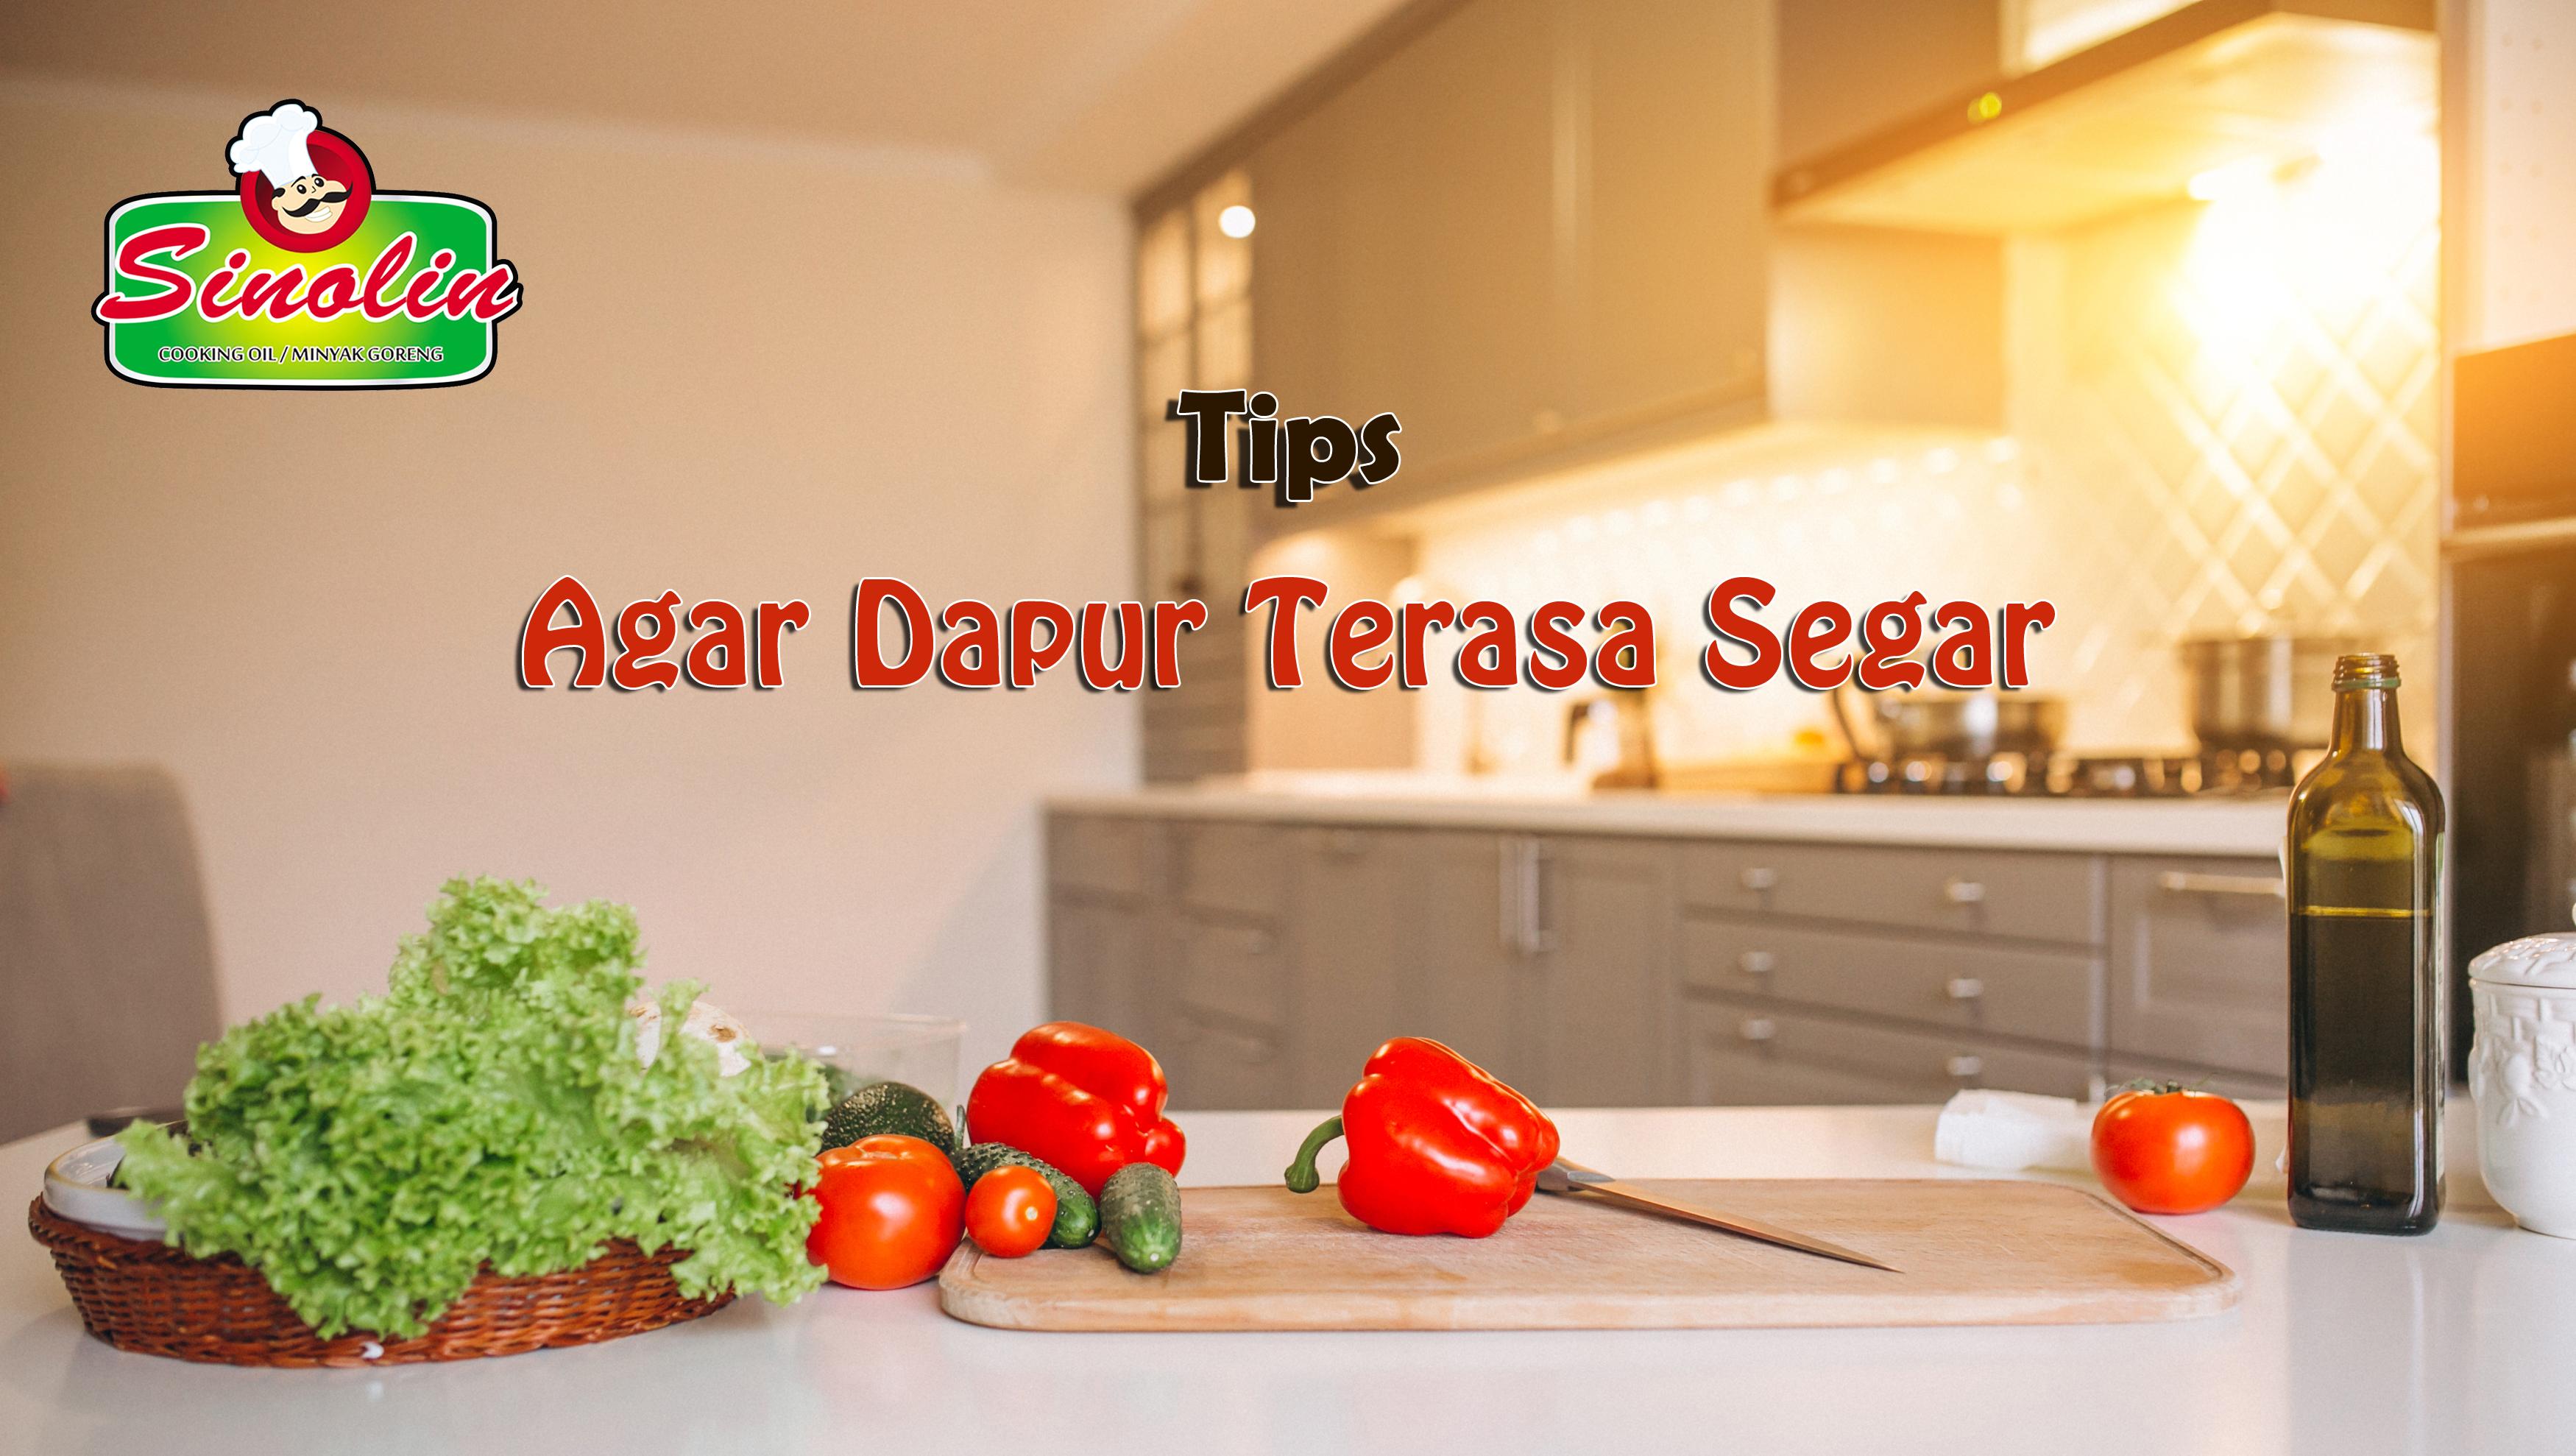 Tips: Agar Dapur Terasa Segar Oleh Dapur Sinolin